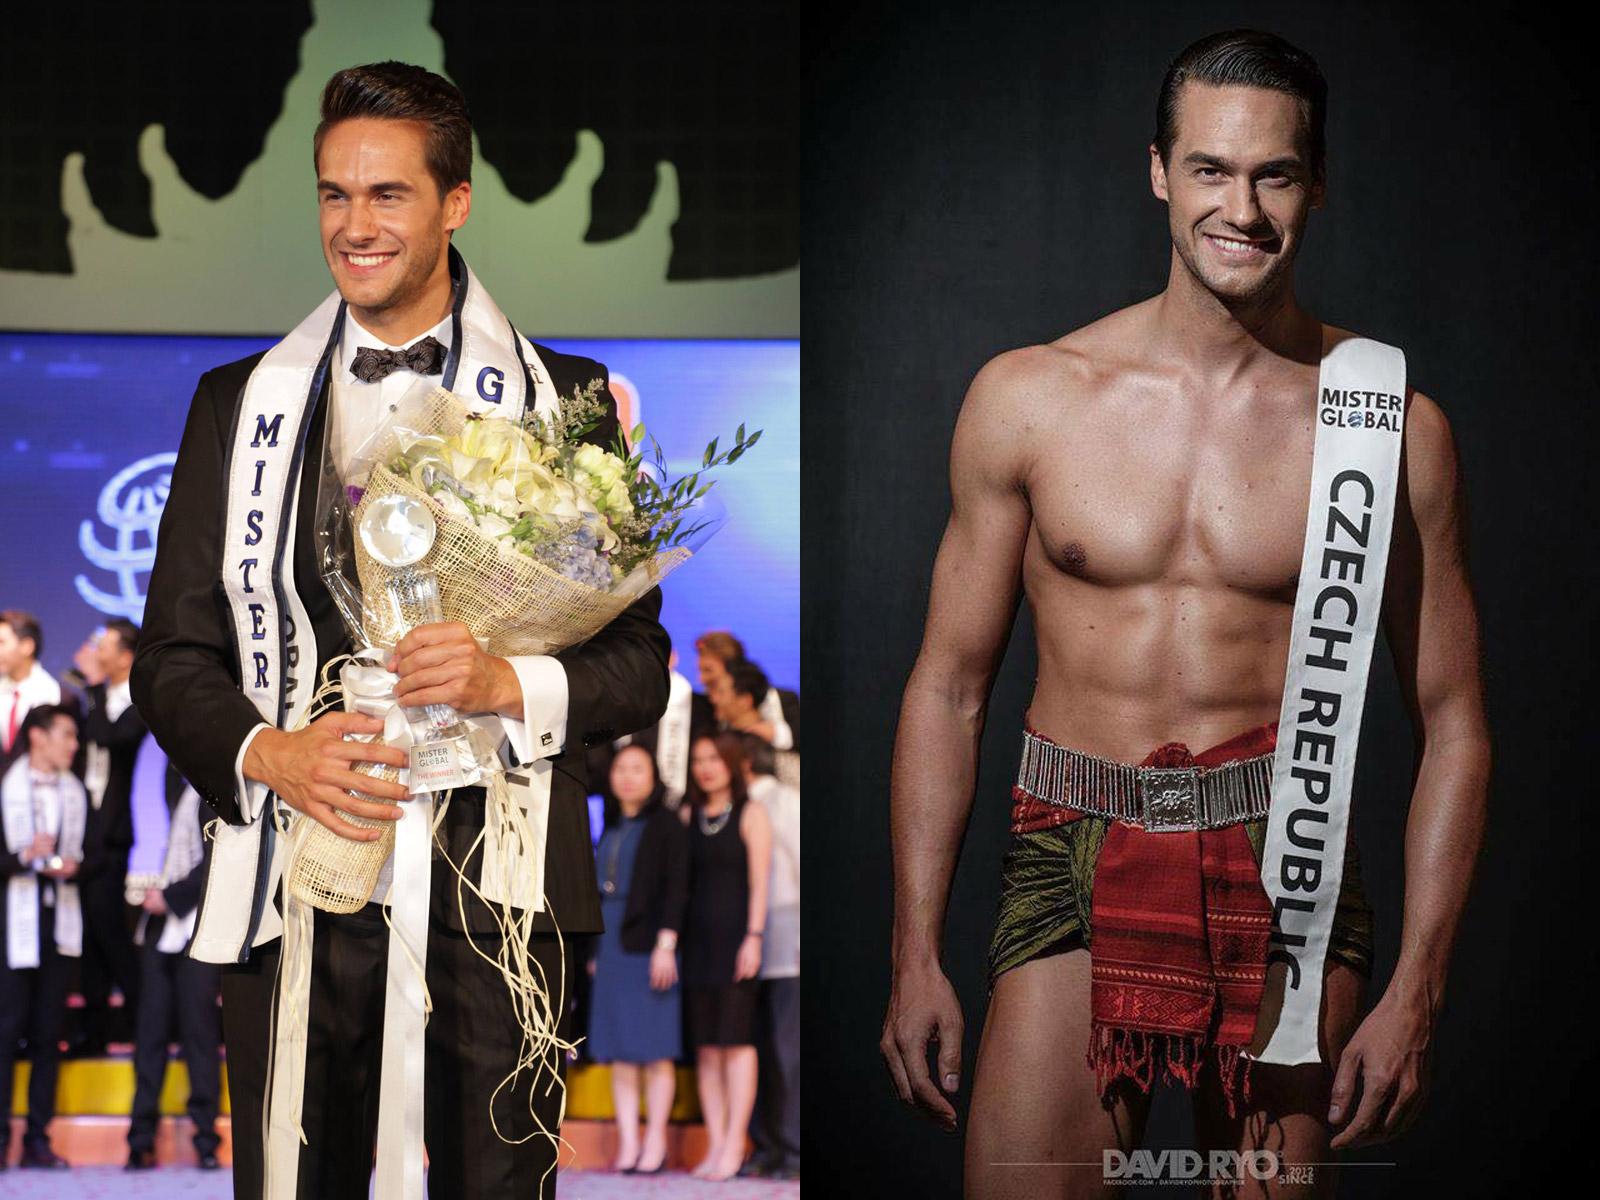 Mostečan Tomáš Martinka je nejkrásnějším mužem planety, Zvítězil v prestižní soutěži Mister Global 2016, která je obdobou světových soutěží Miss.